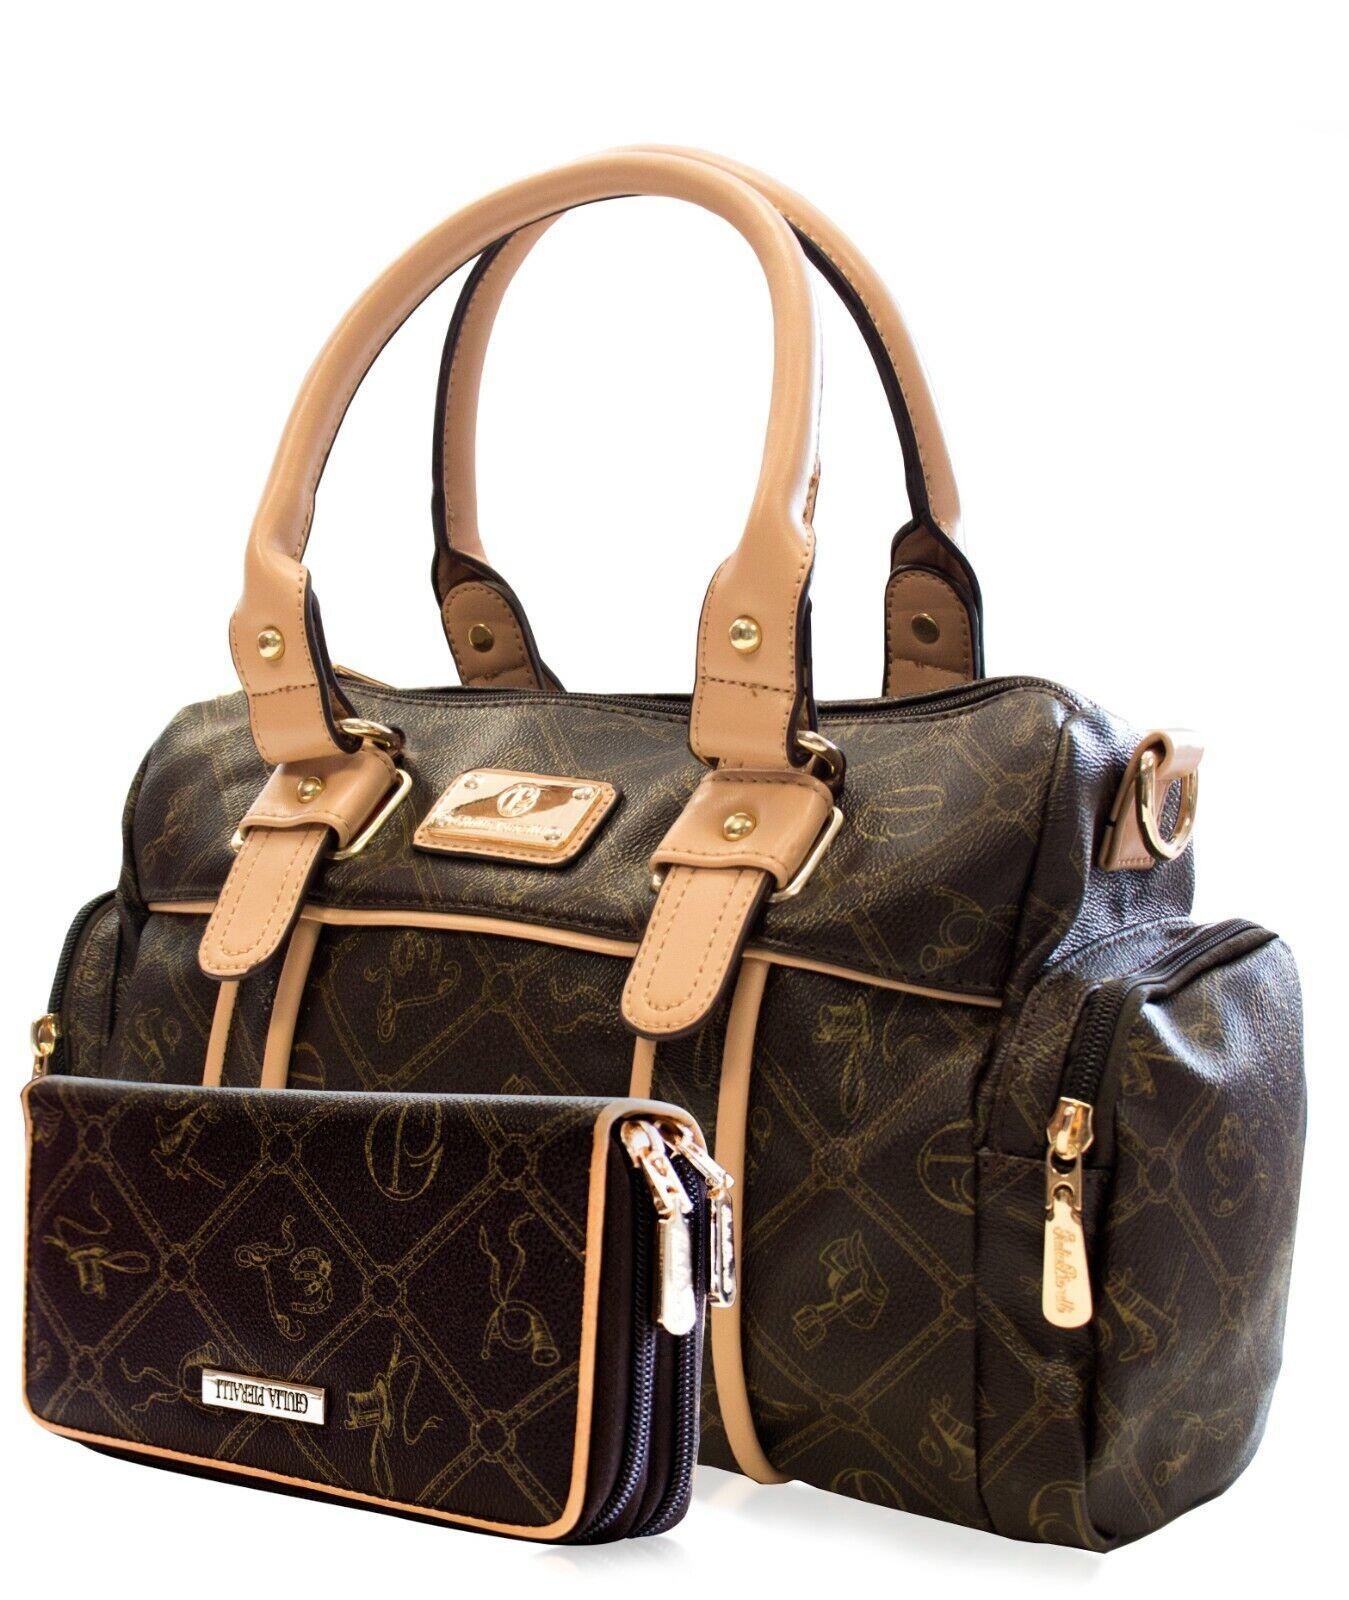 Giulia Pieralli Damentasche Handtasche + Geldbeutel Portemonnaie Braun  26119E